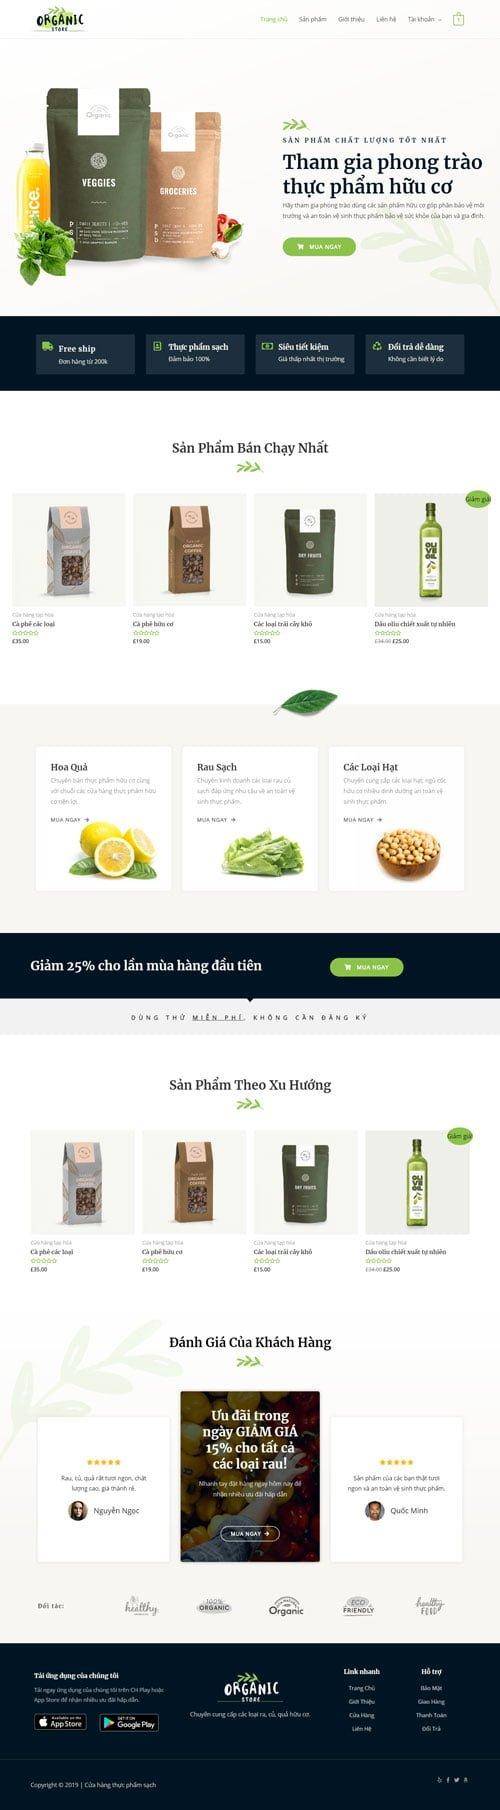 Website bán thực phẩm hữu cơ 1